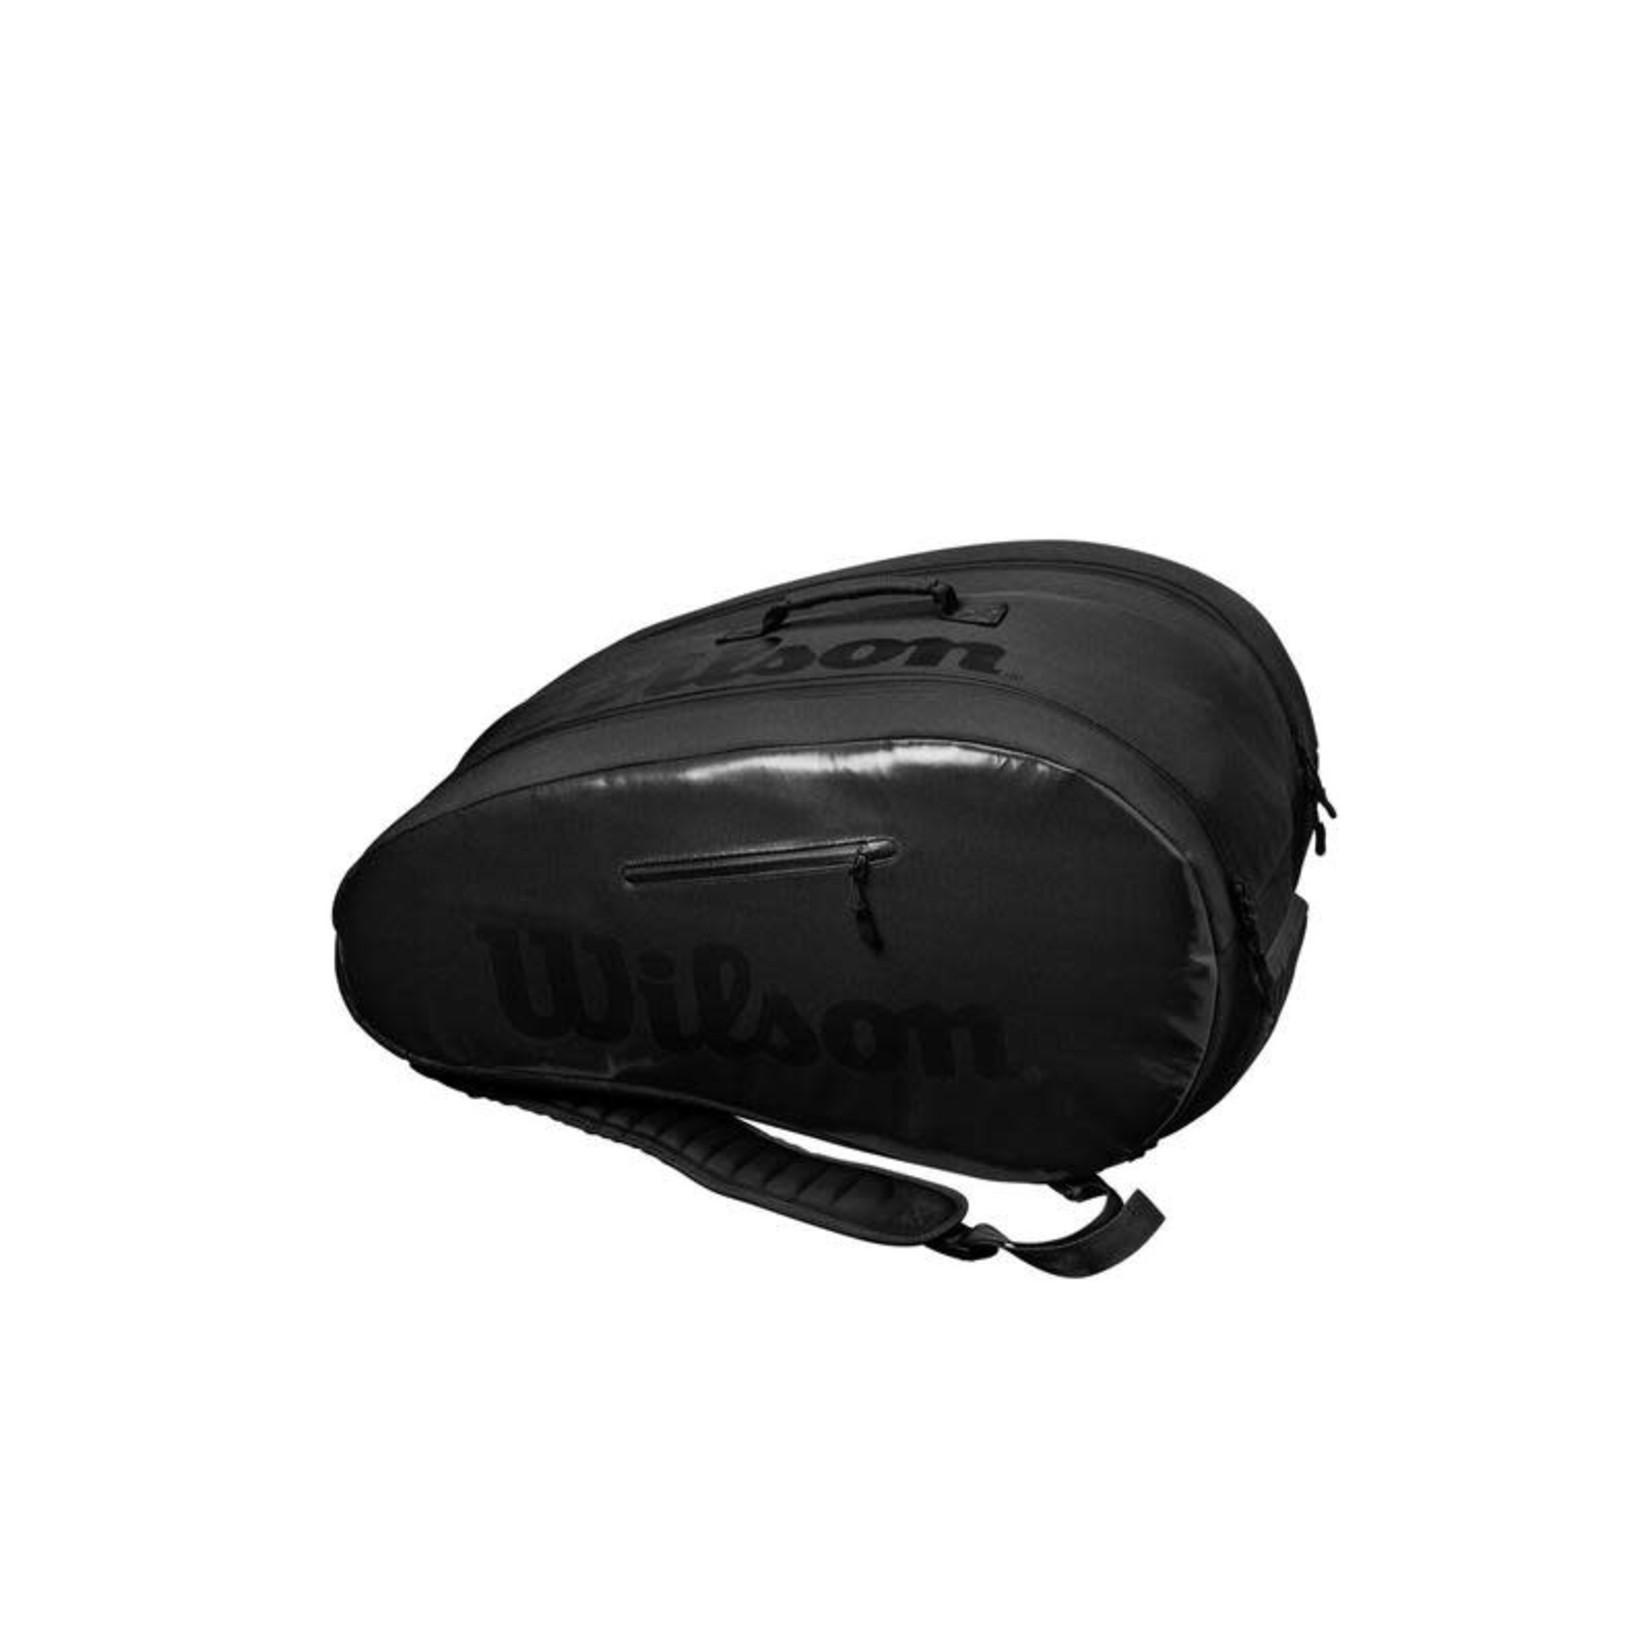 Wilson Padel Super Tour Bag